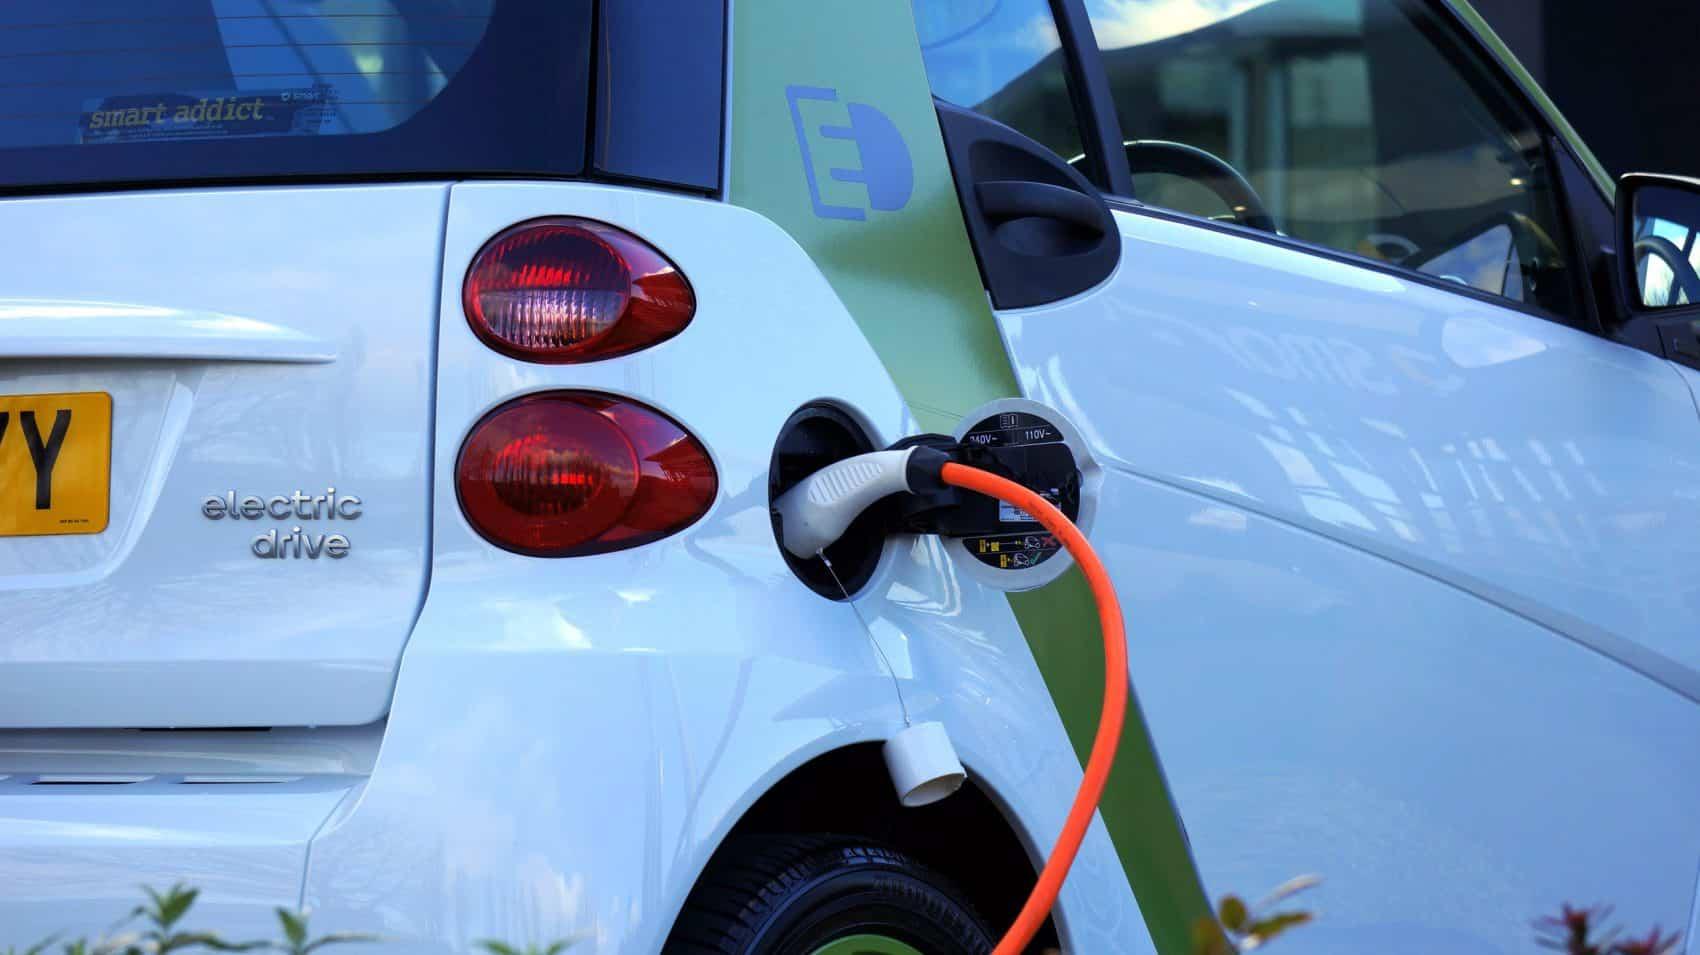 אימוץ תעשיית הרכב החשמלי